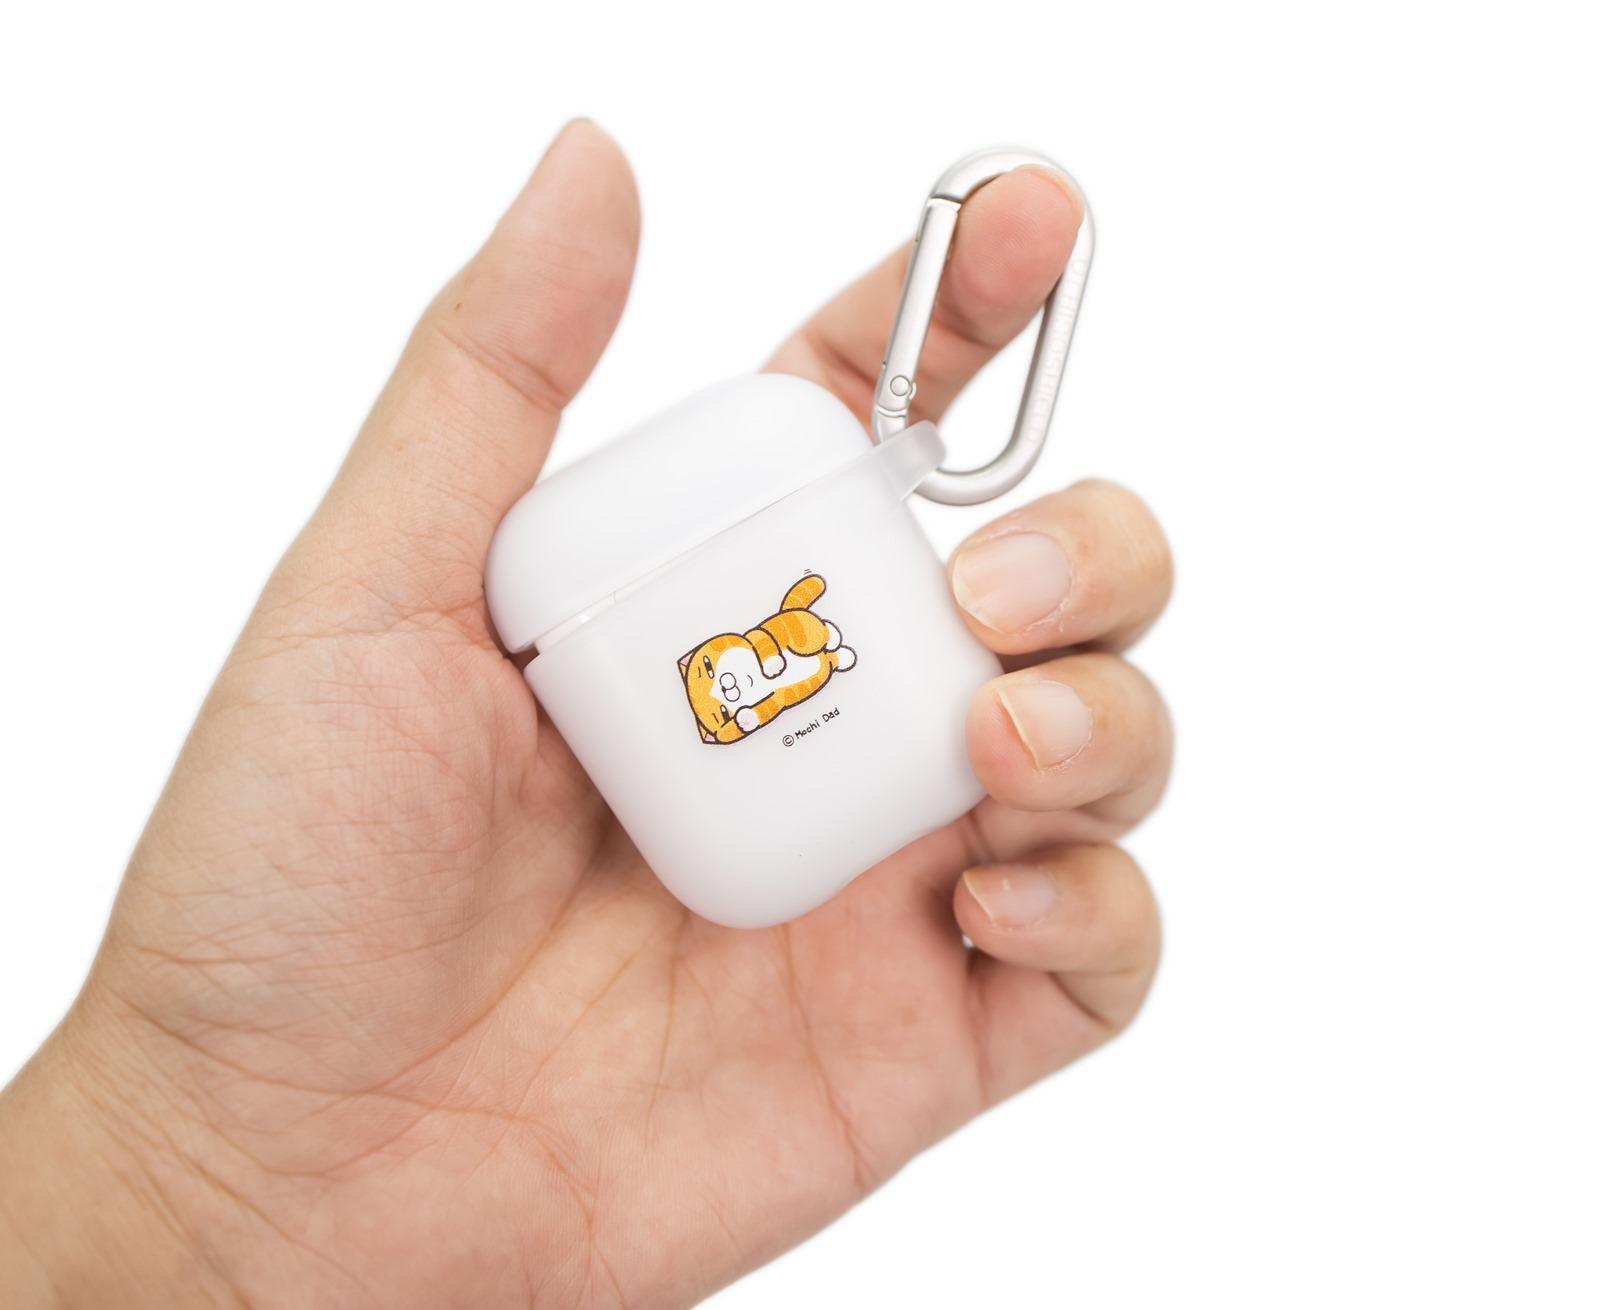 白爛貓來啦!犀牛盾 x 白爛貓合作!蘋果 iPhone 12 / AirPods / AirPods Pro / 三星 S21 Ultra 款式 (圖多) @3C 達人廖阿輝